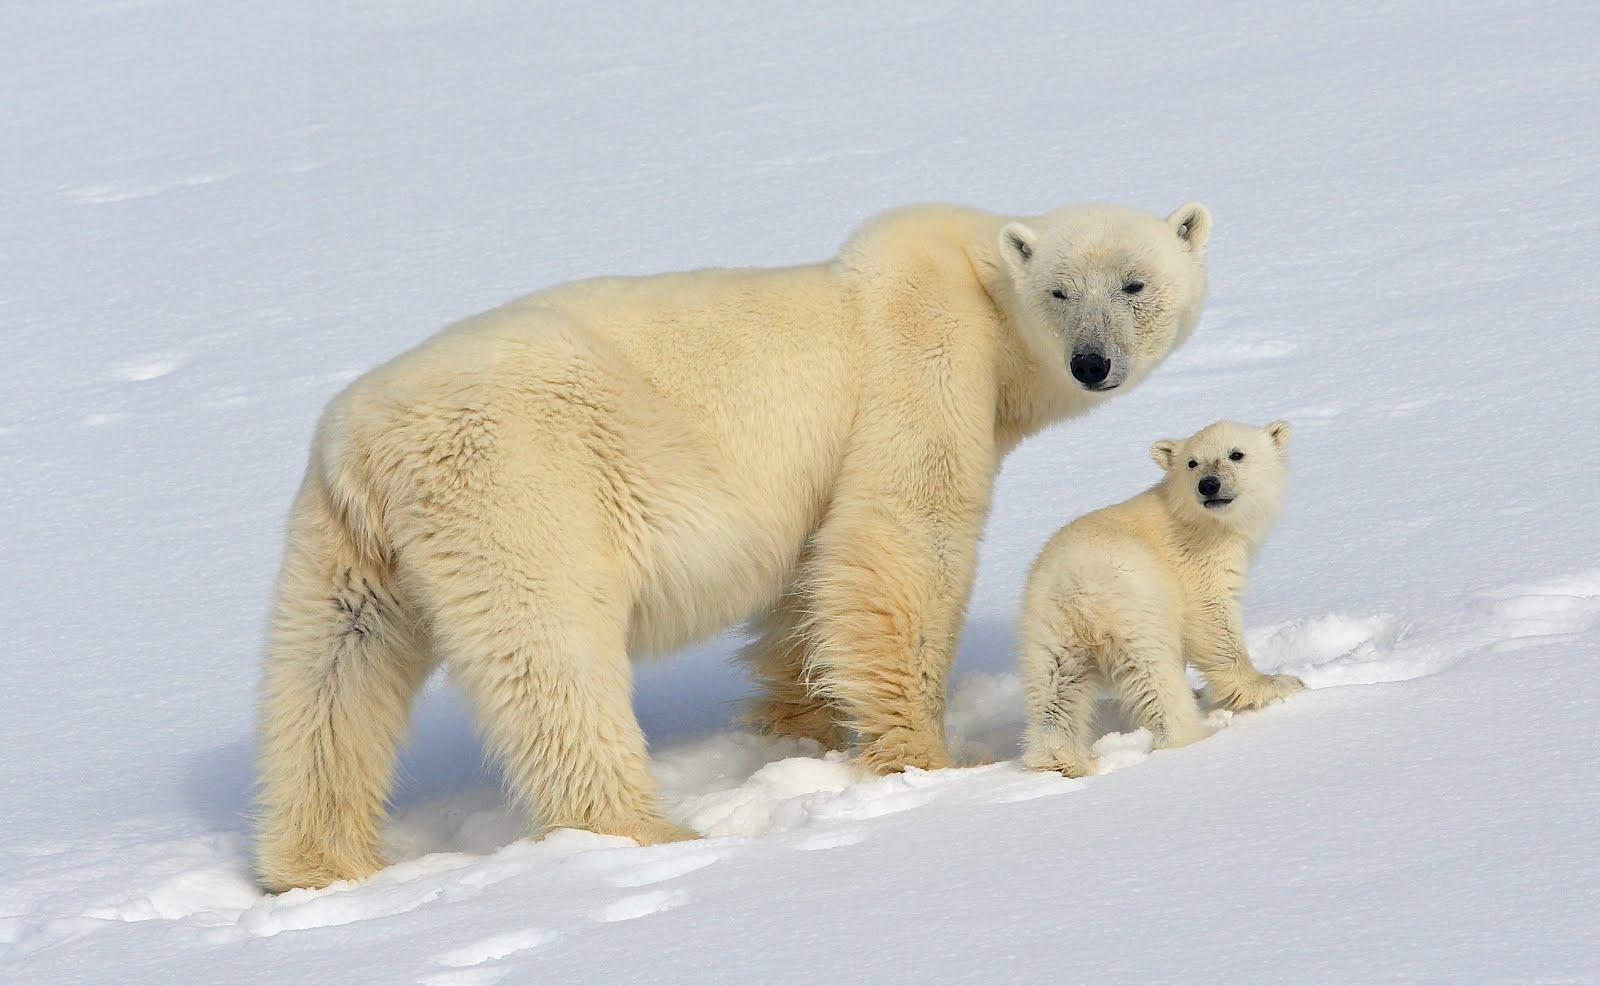 Polar bear without fur - photo#28